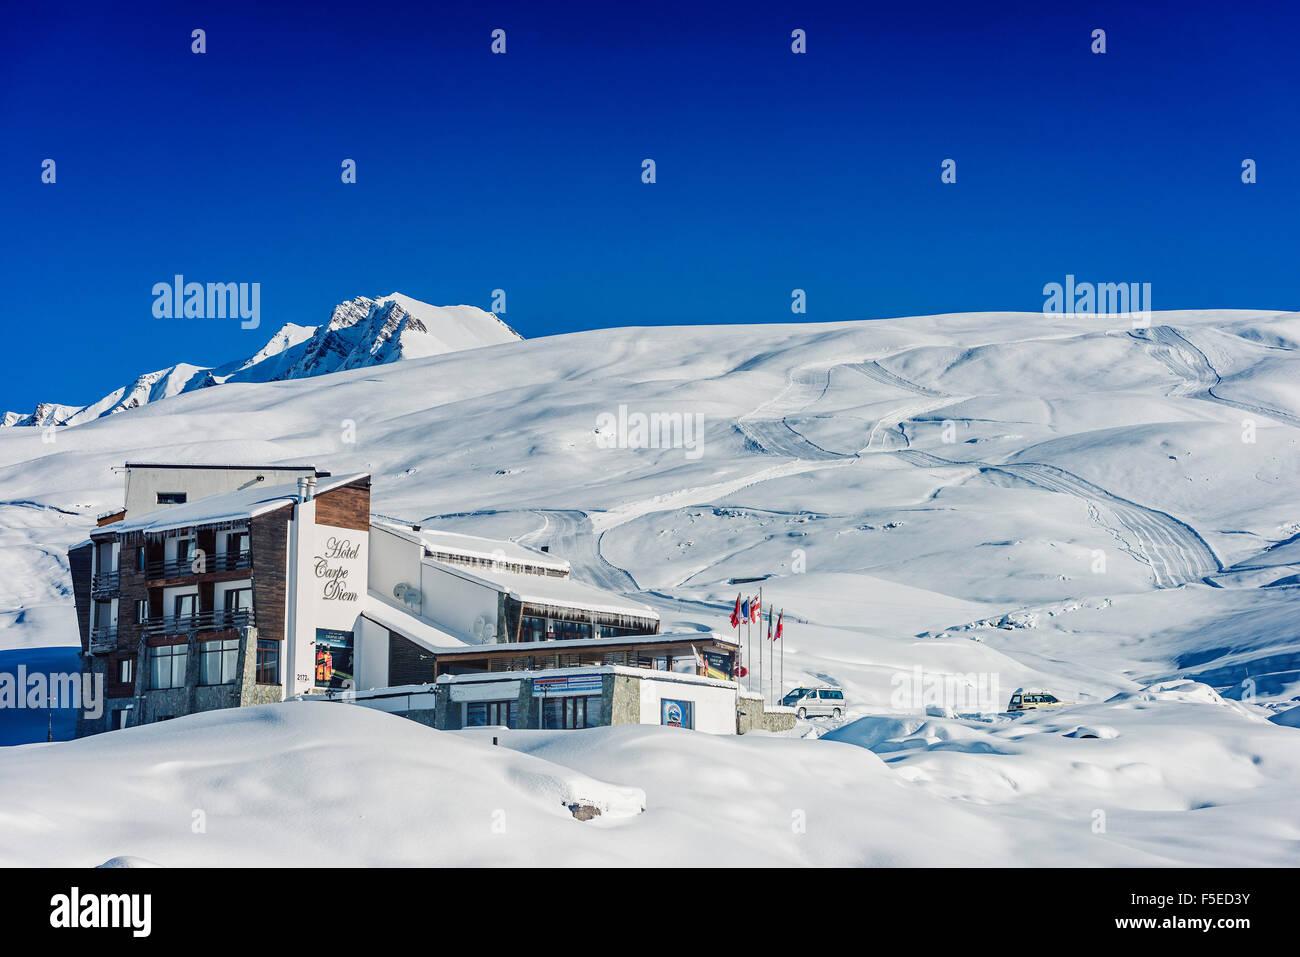 Gudauri ski resort, Georgia, Caucasus region, Central Asia, Asia - Stock Image